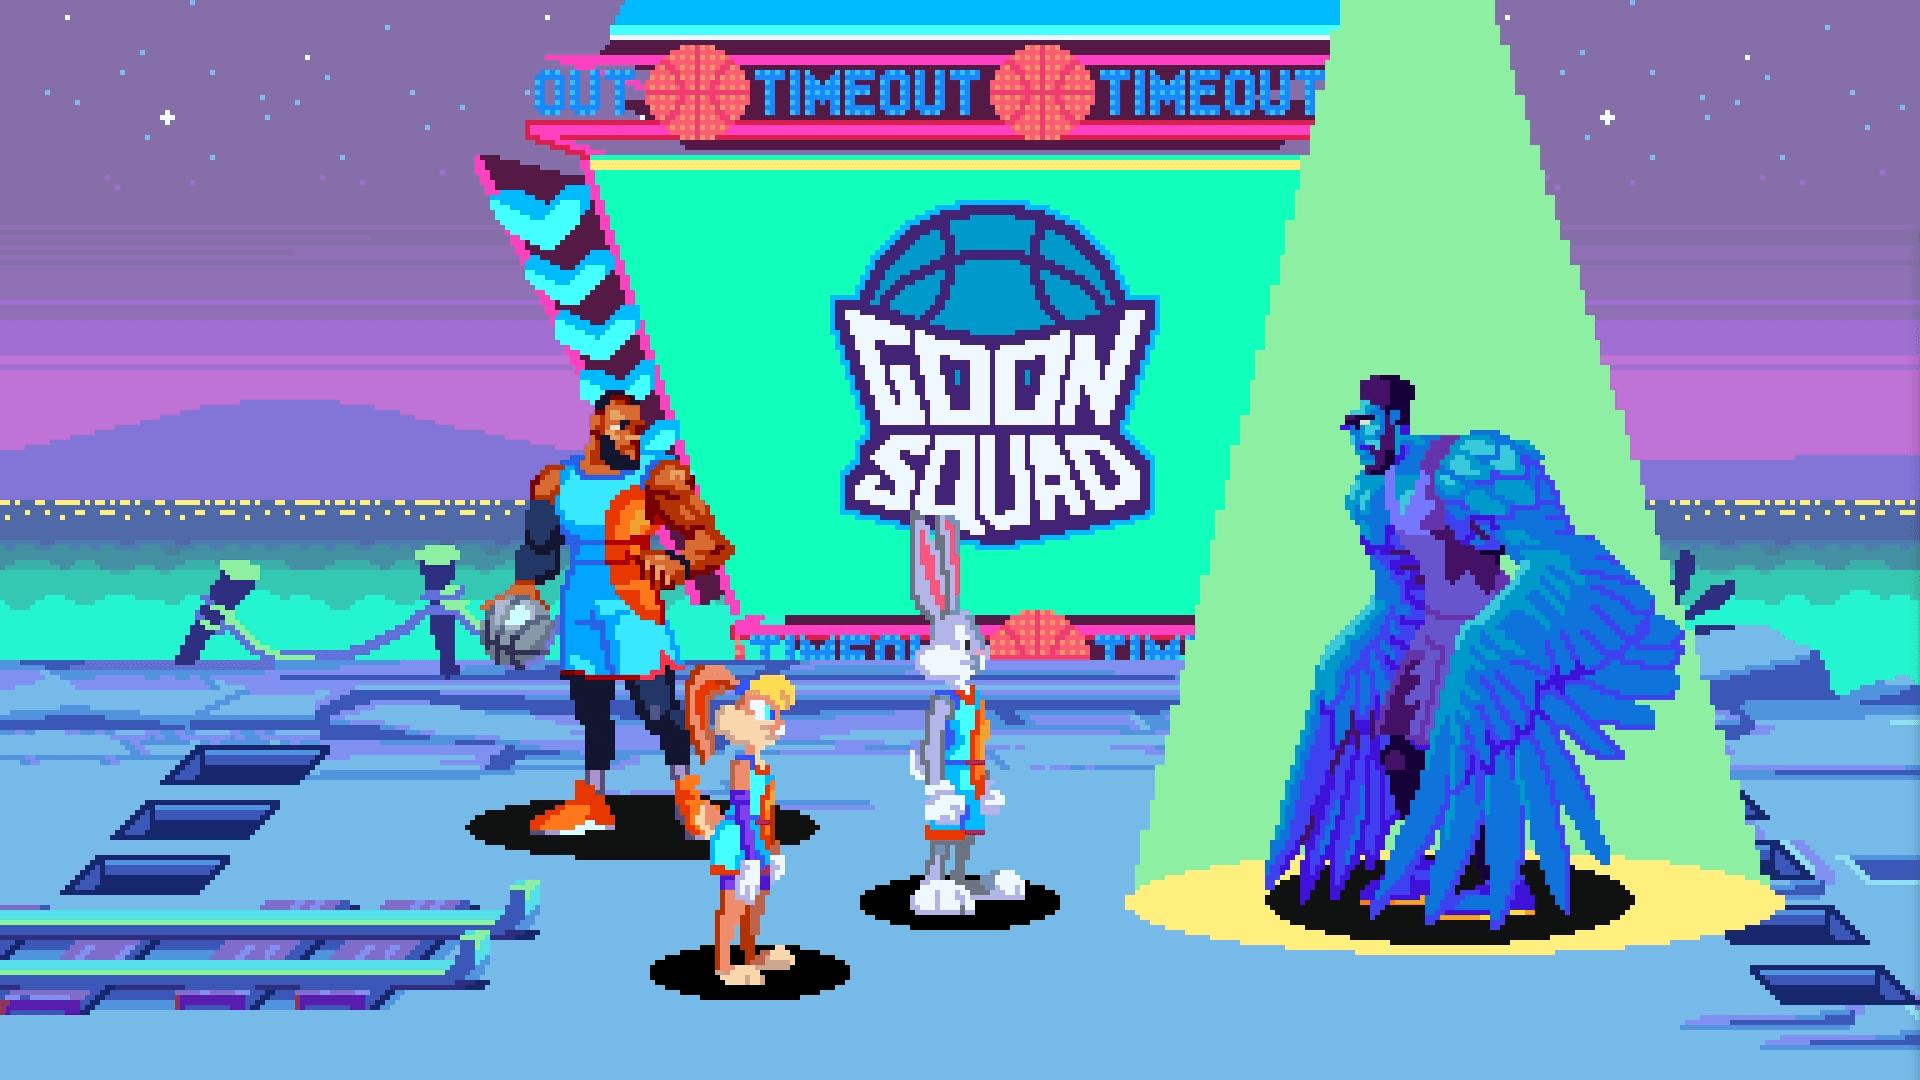 space-jam-2-game-legado-plus